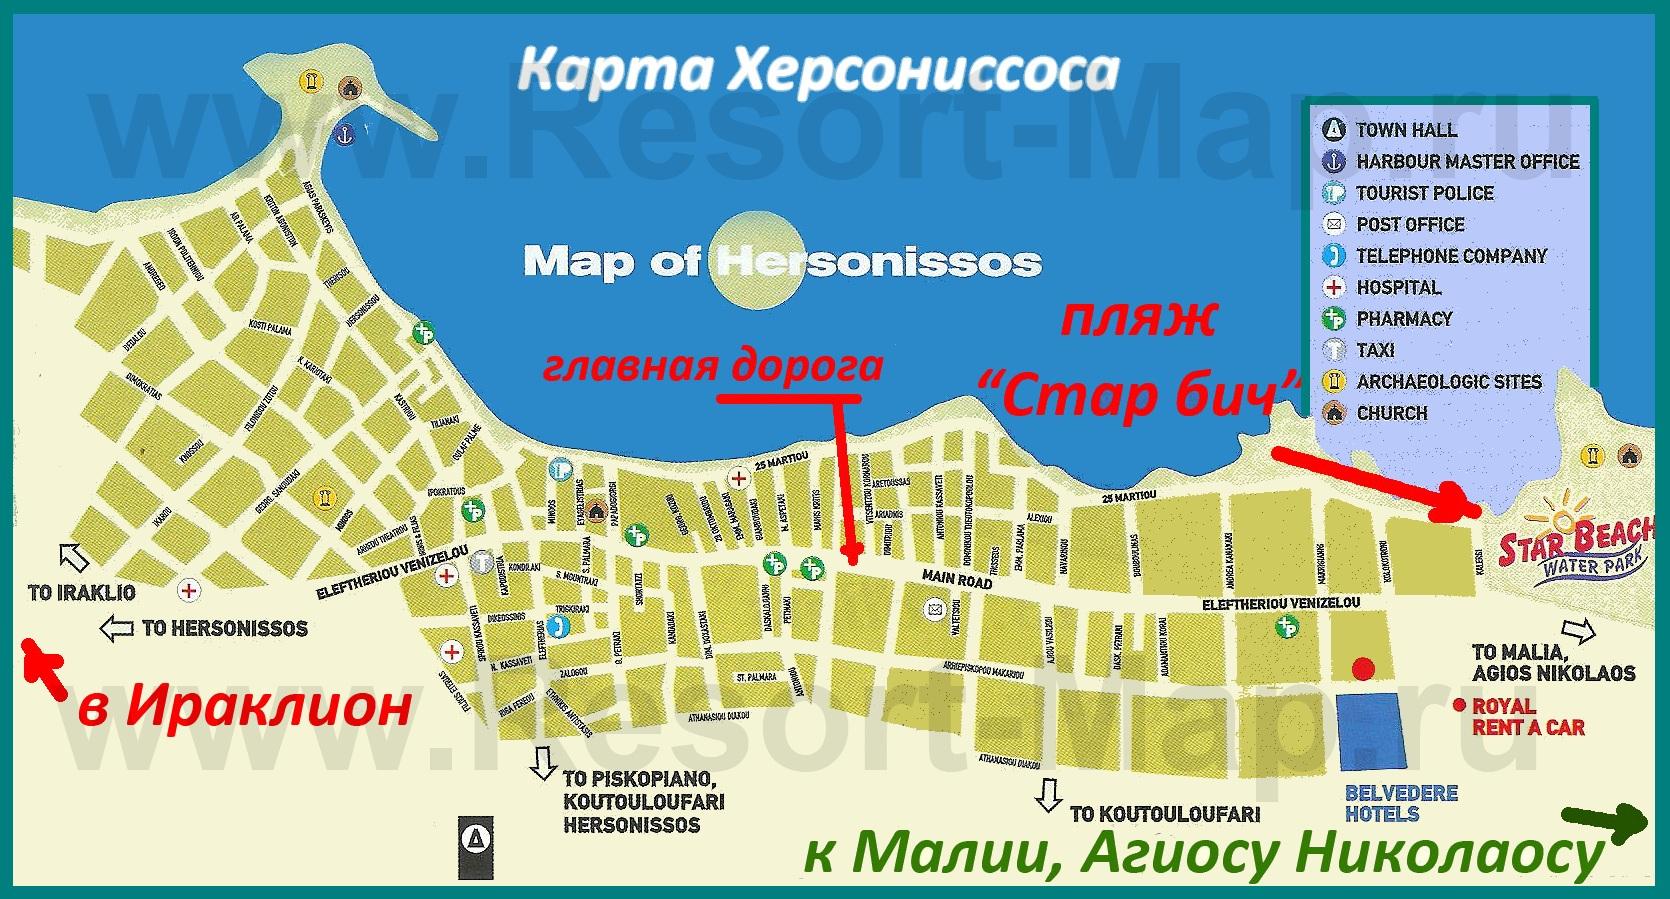 Схема херсониссоса на русском языке